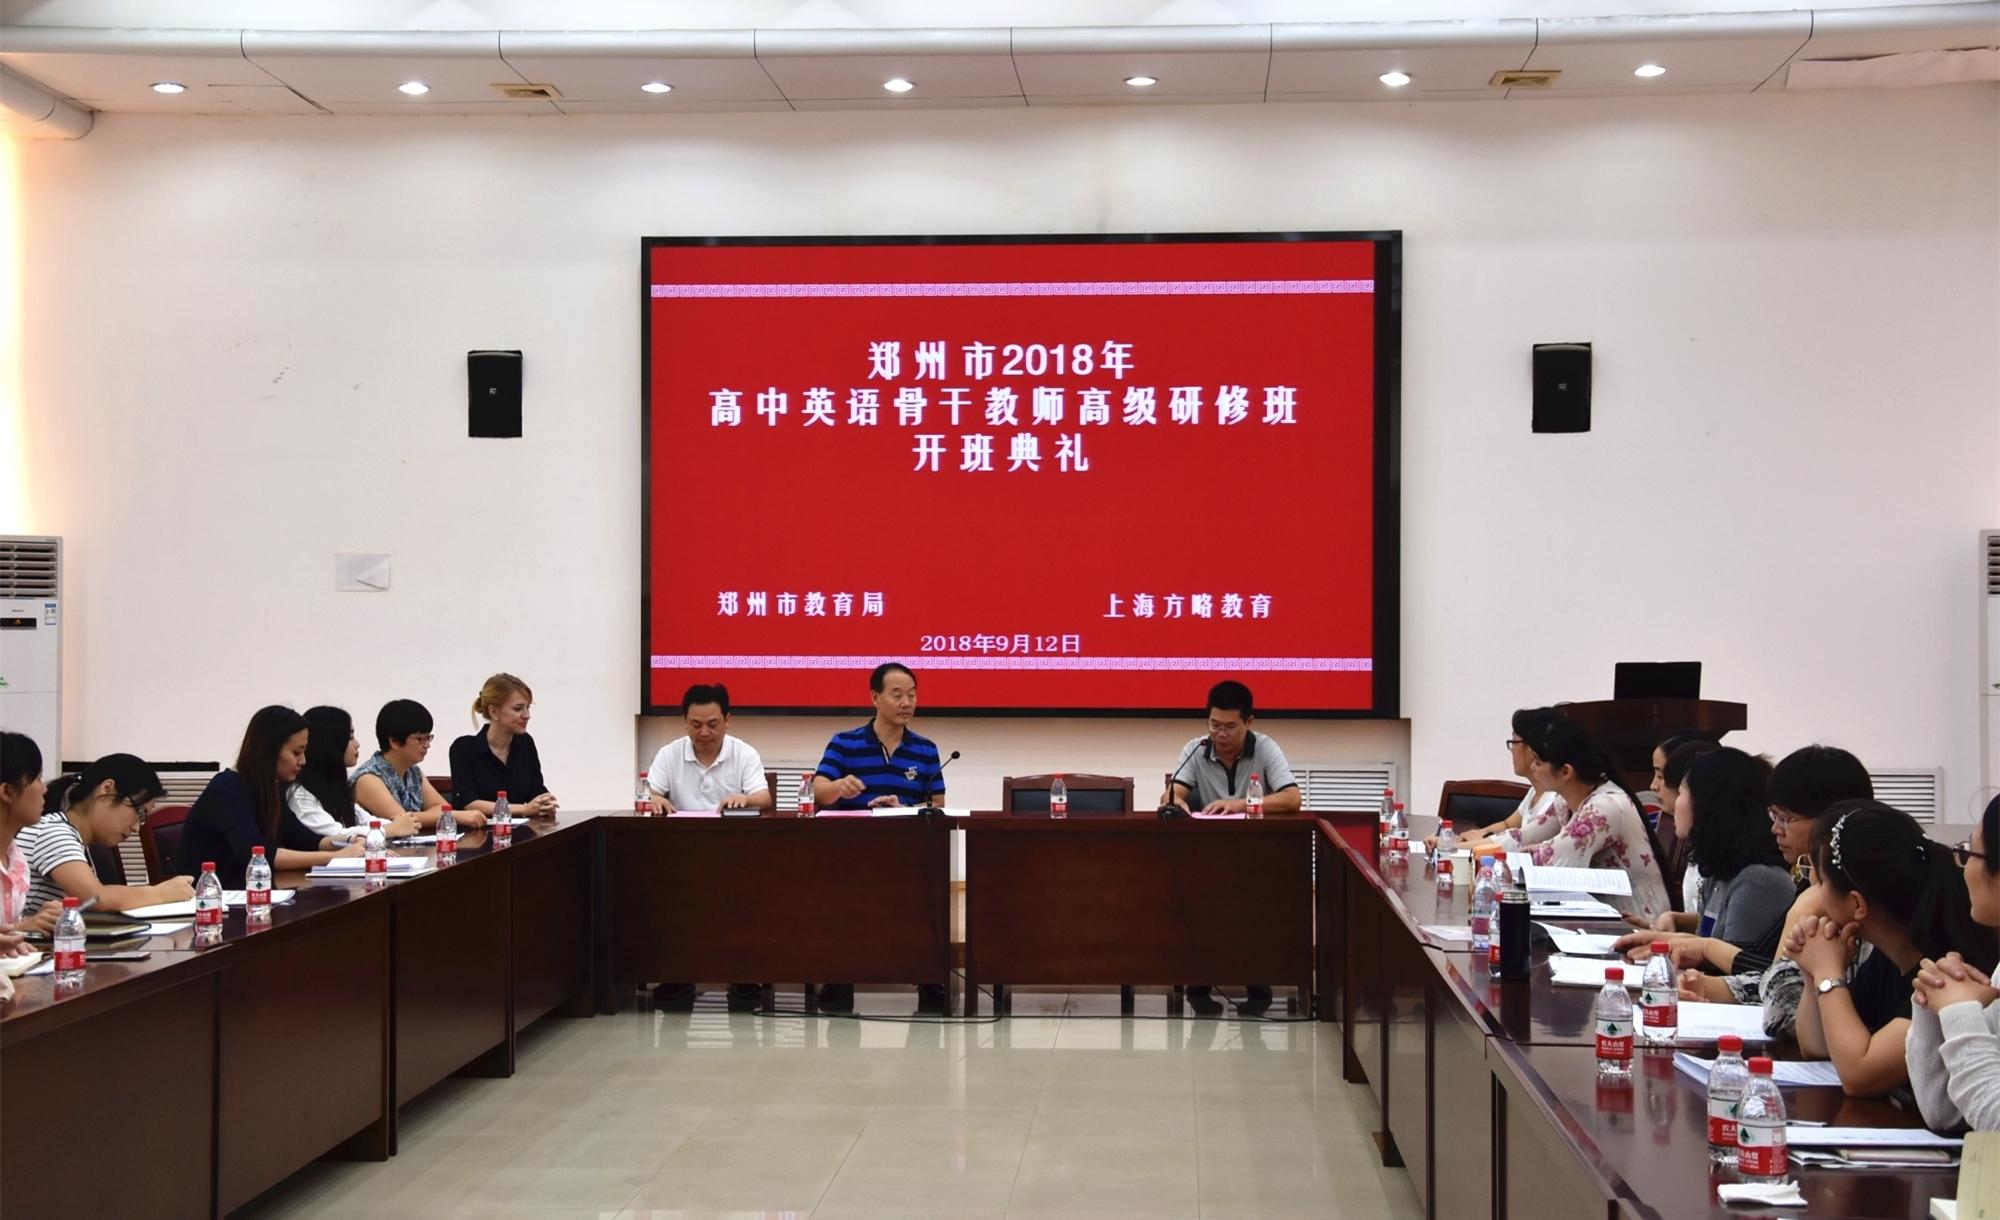 DSC 0226 - 郑州市2018年高中英语骨干教师高级研修班培训正式启动